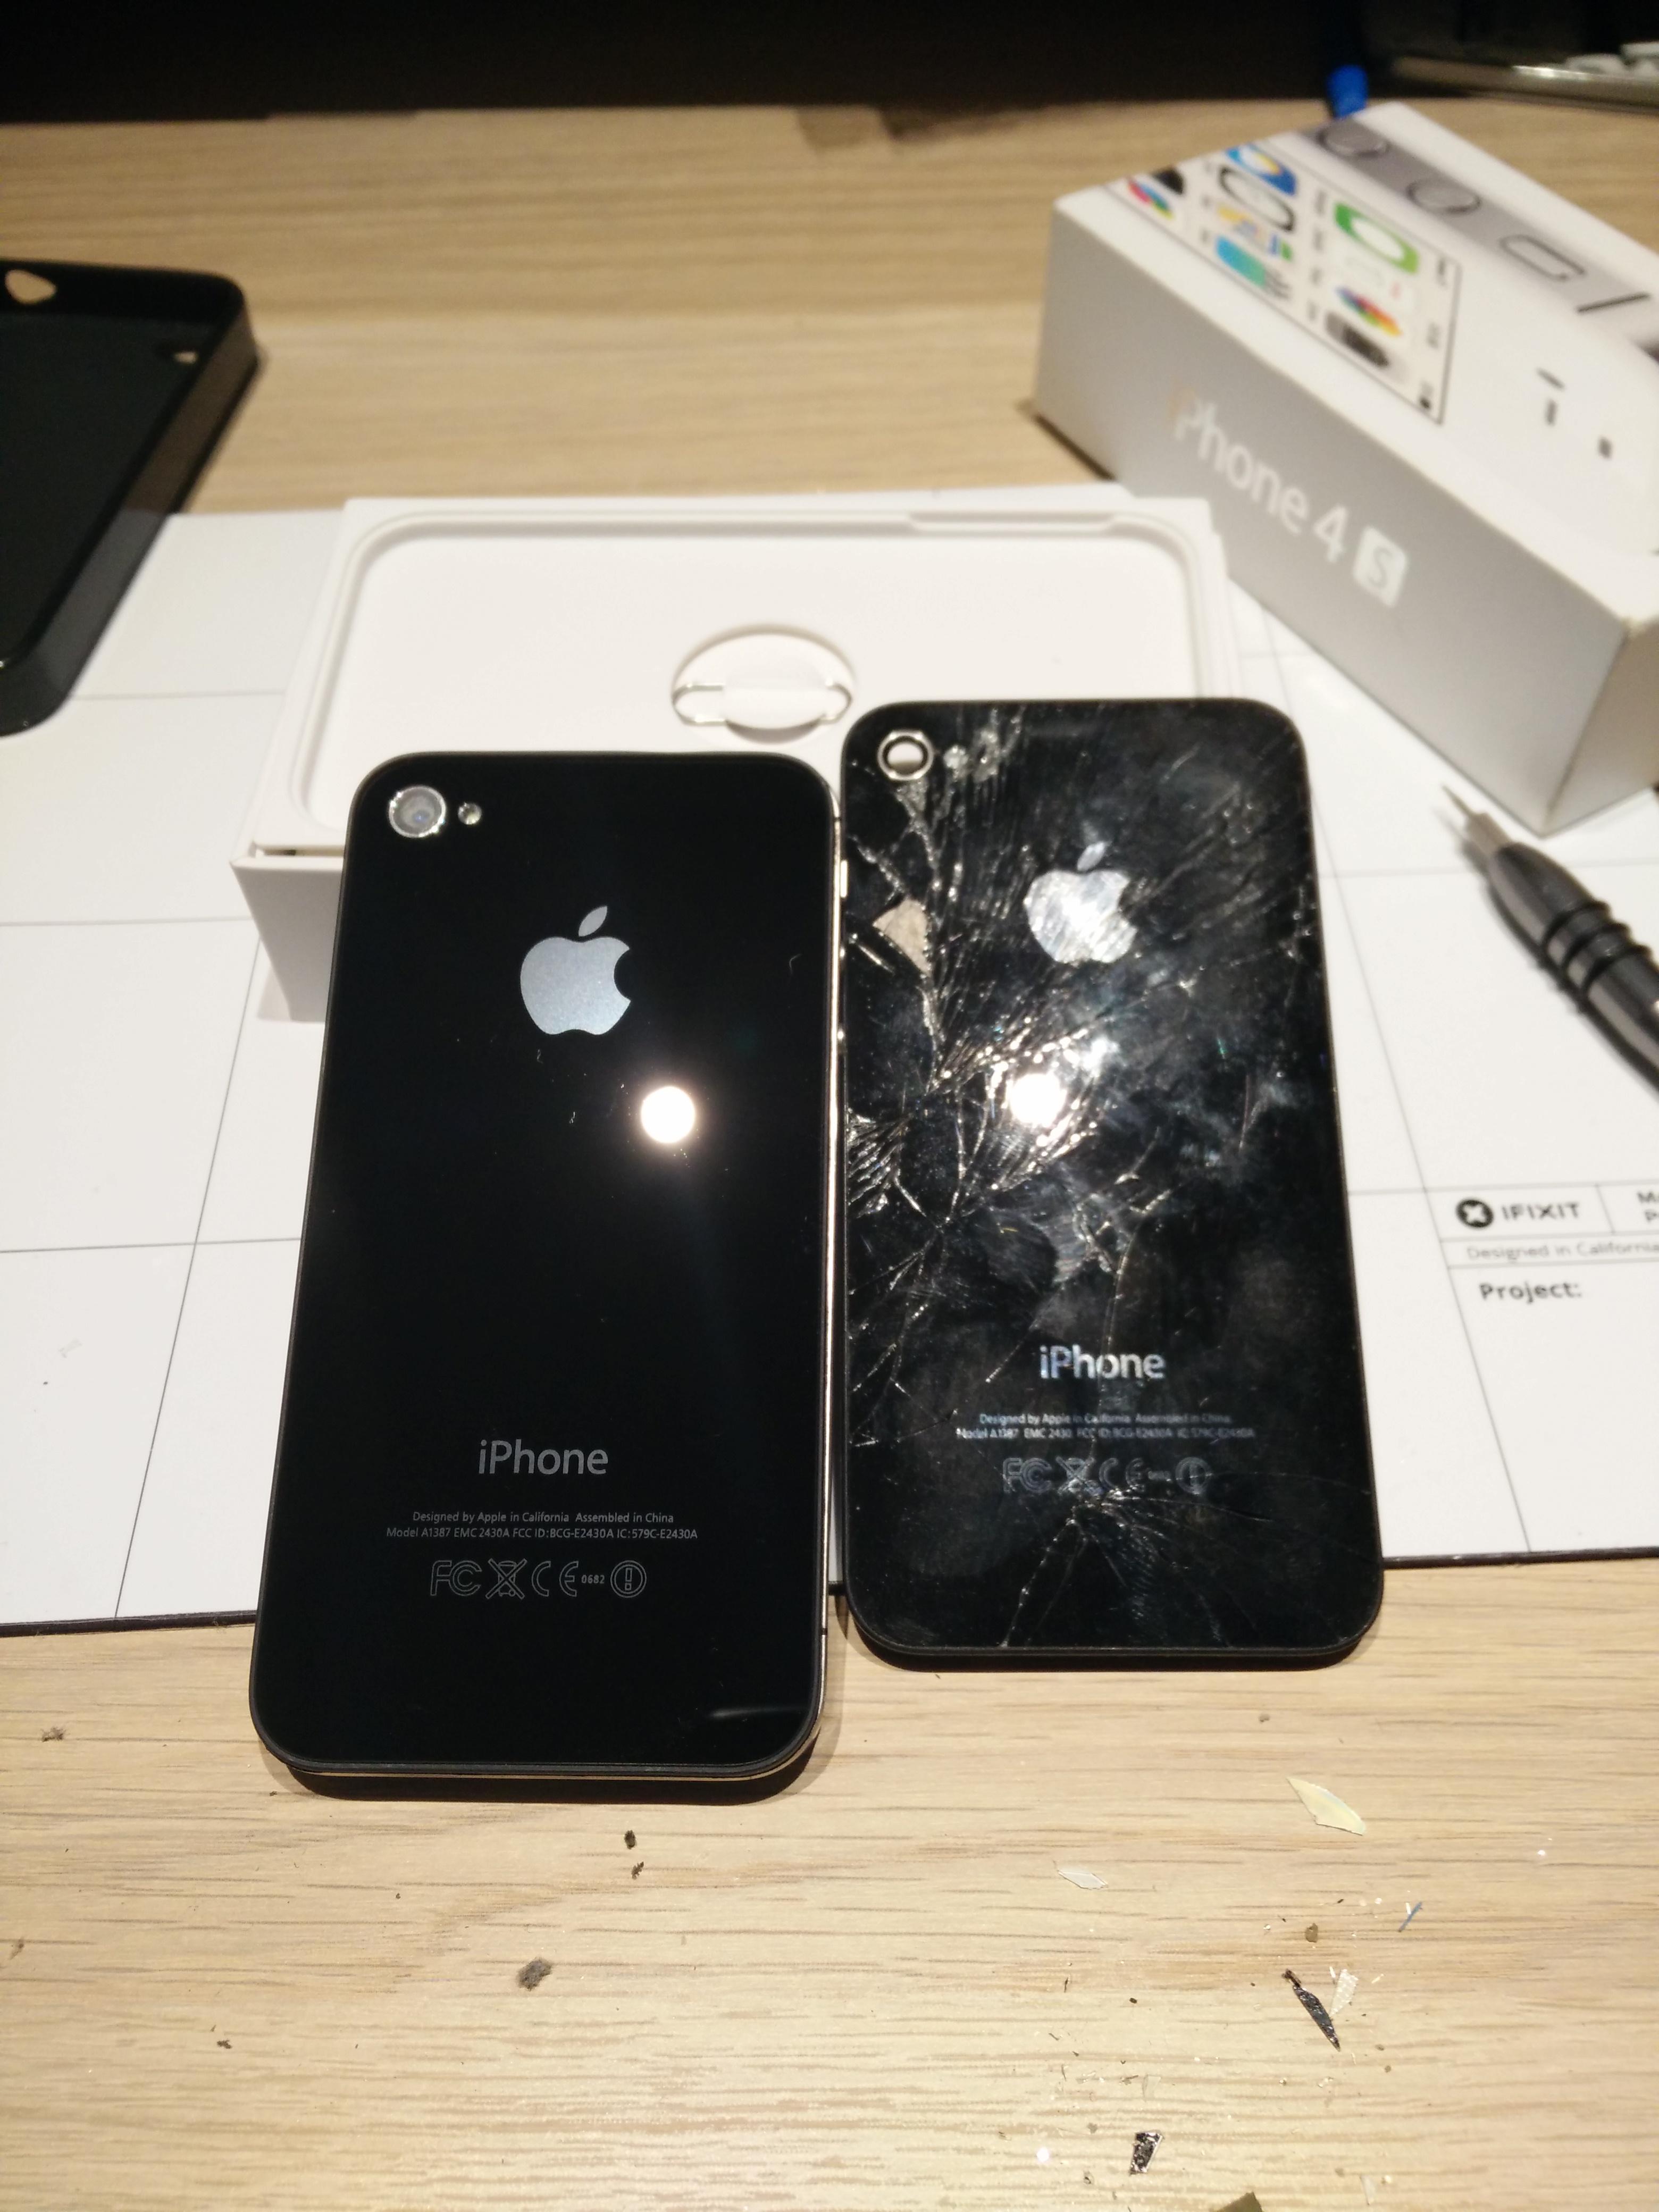 iPhone 4S gebarsten achterkant